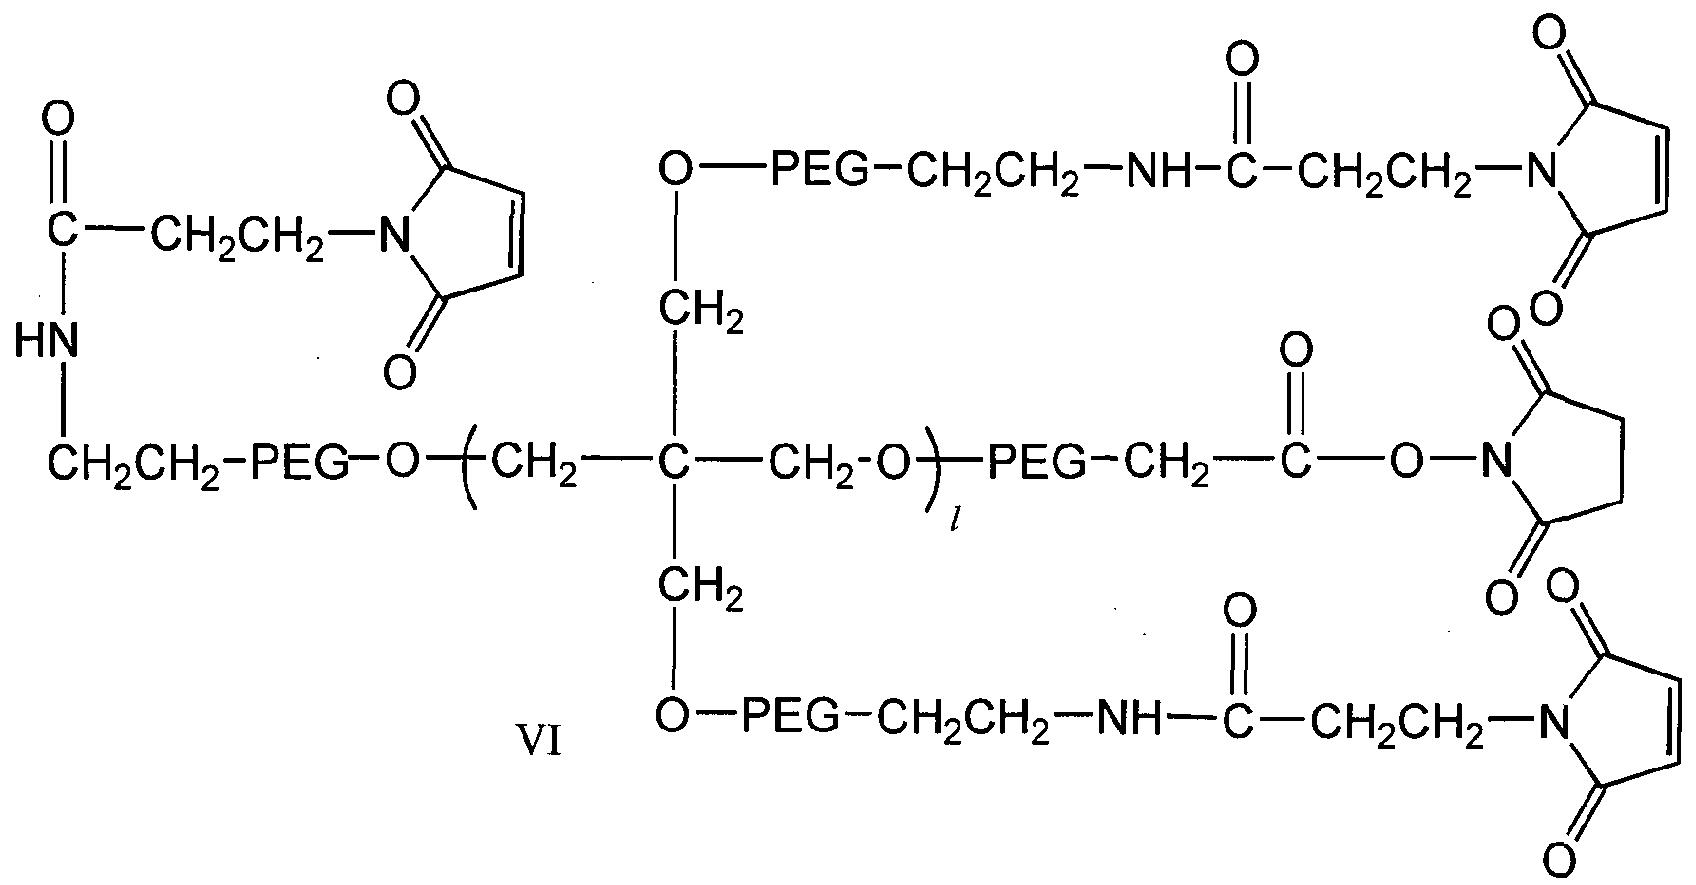 其中所述一种多臂聚乙二醇衍生物为如通式Ι∏Α的结构多臂聚乙二醇